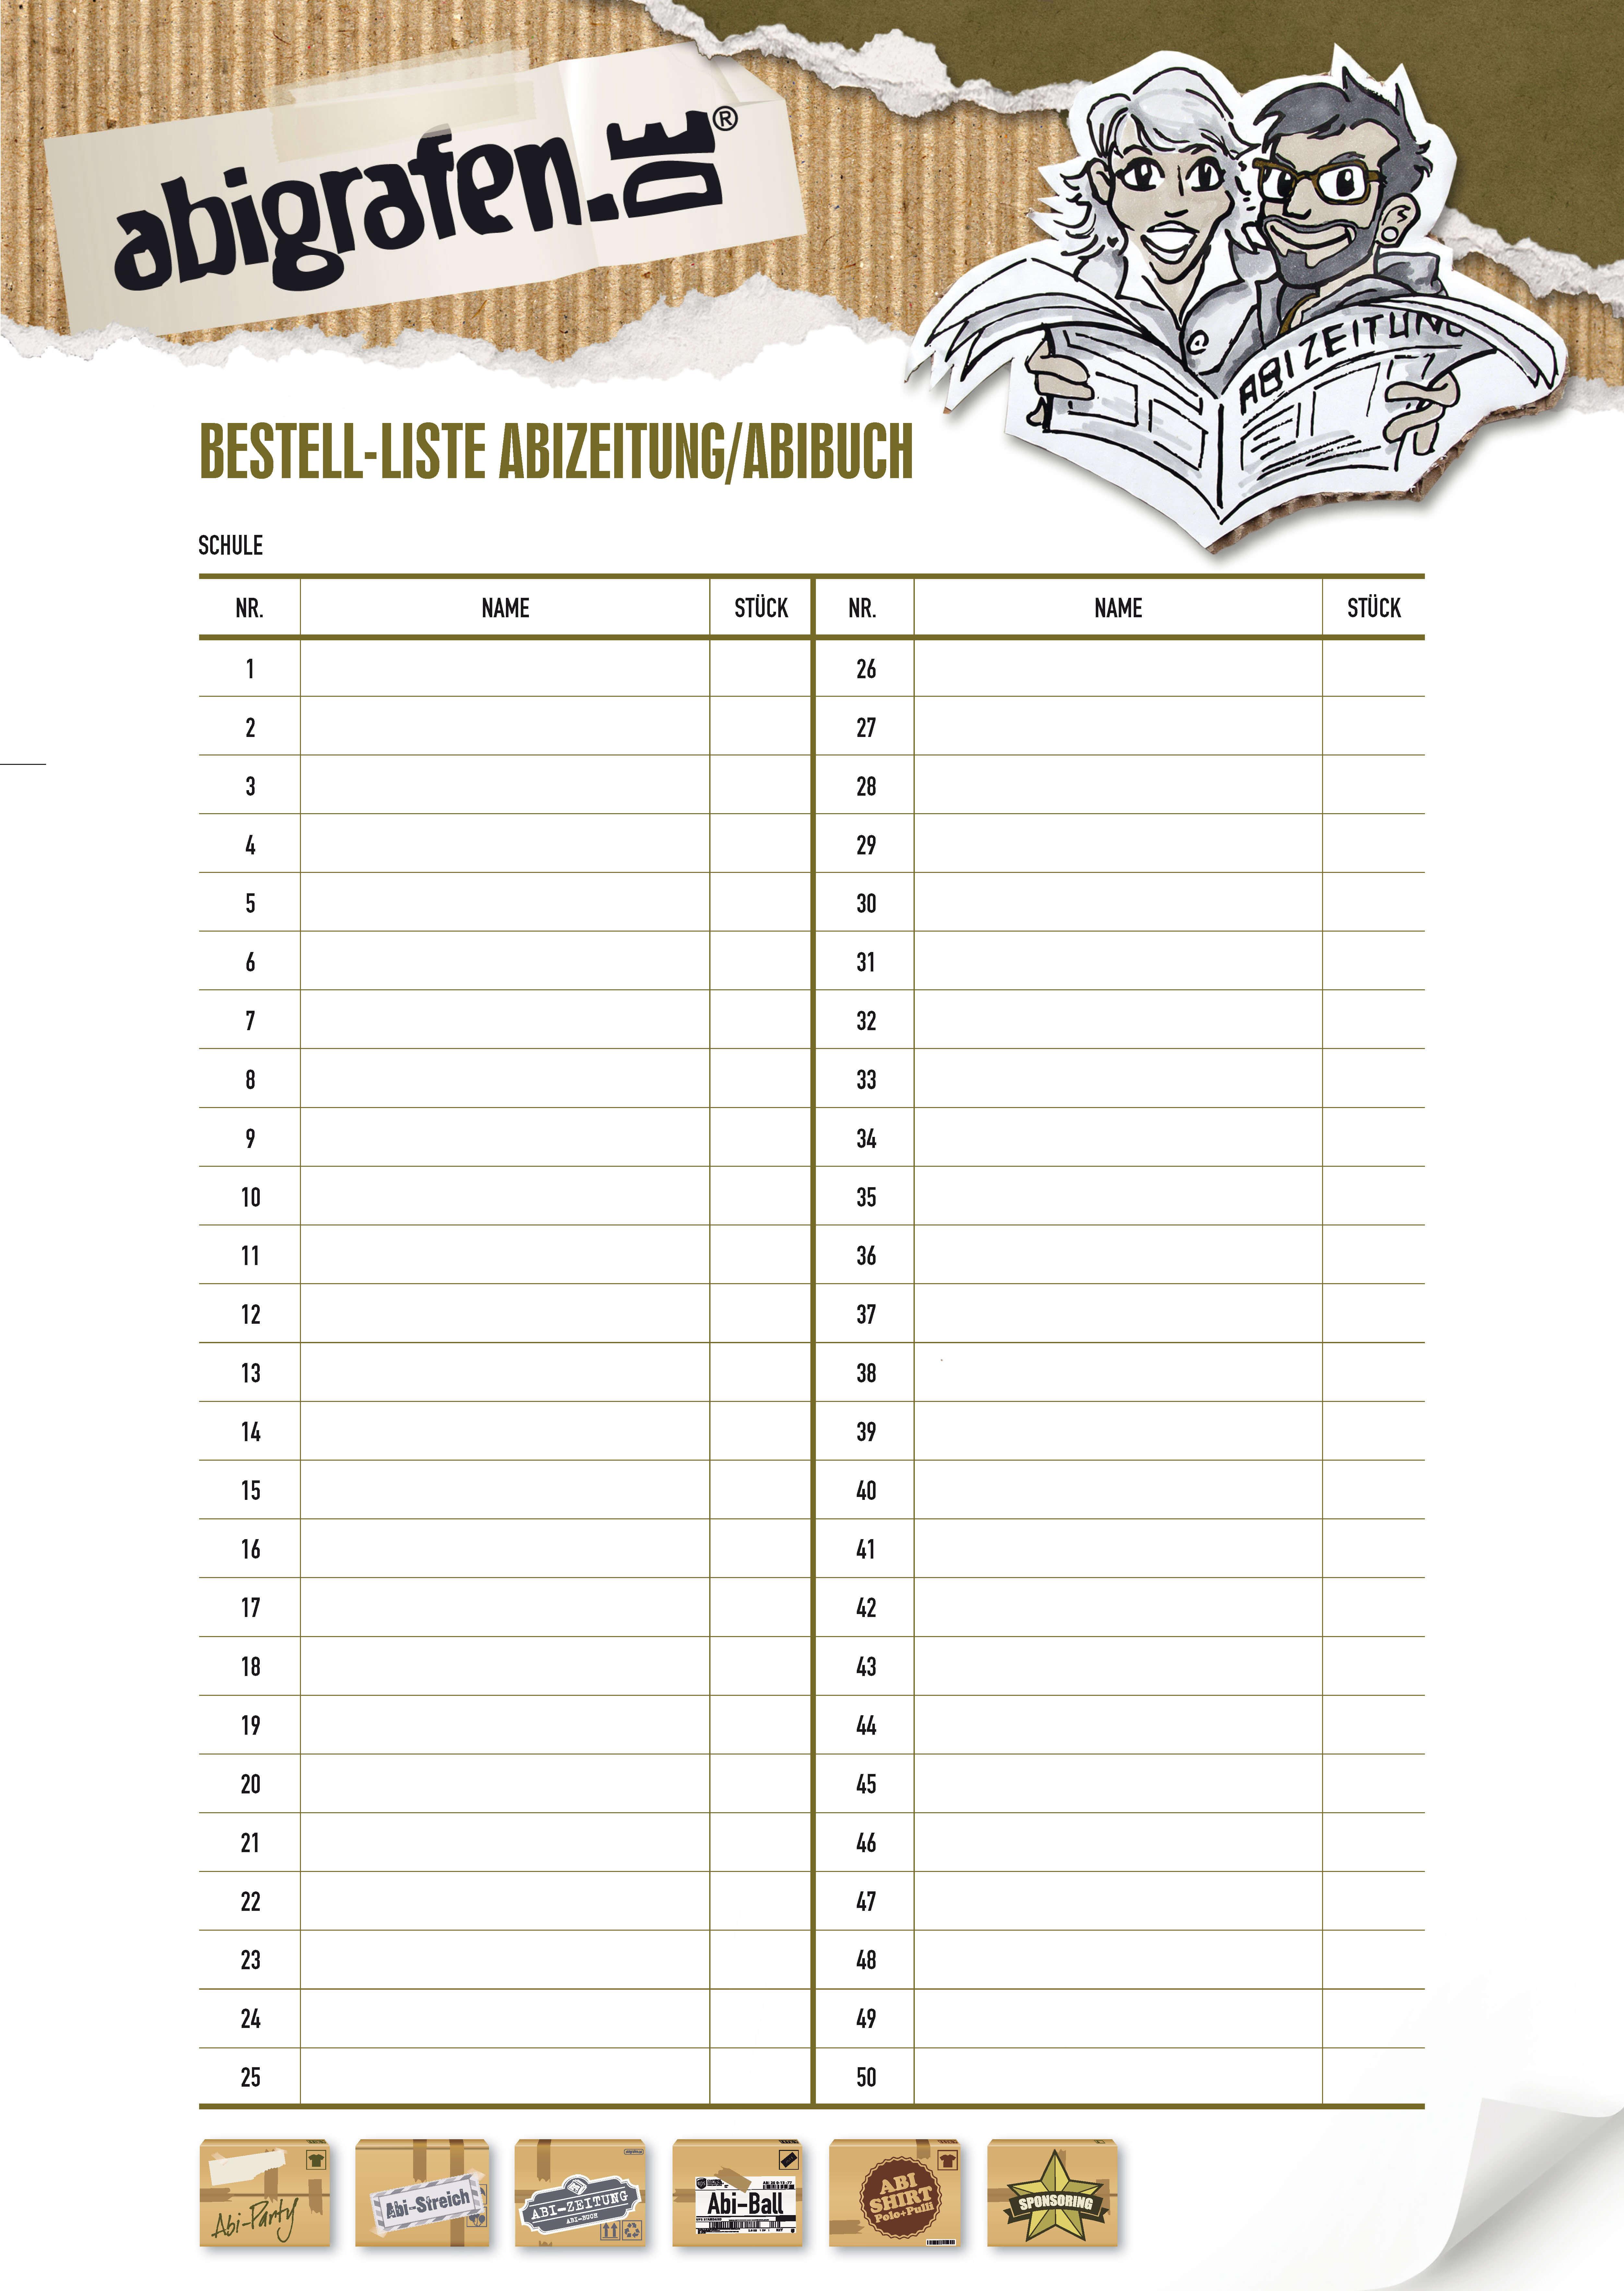 abigrafen.de - Tipps & Tricks für die Abizeitung - Bestelliste